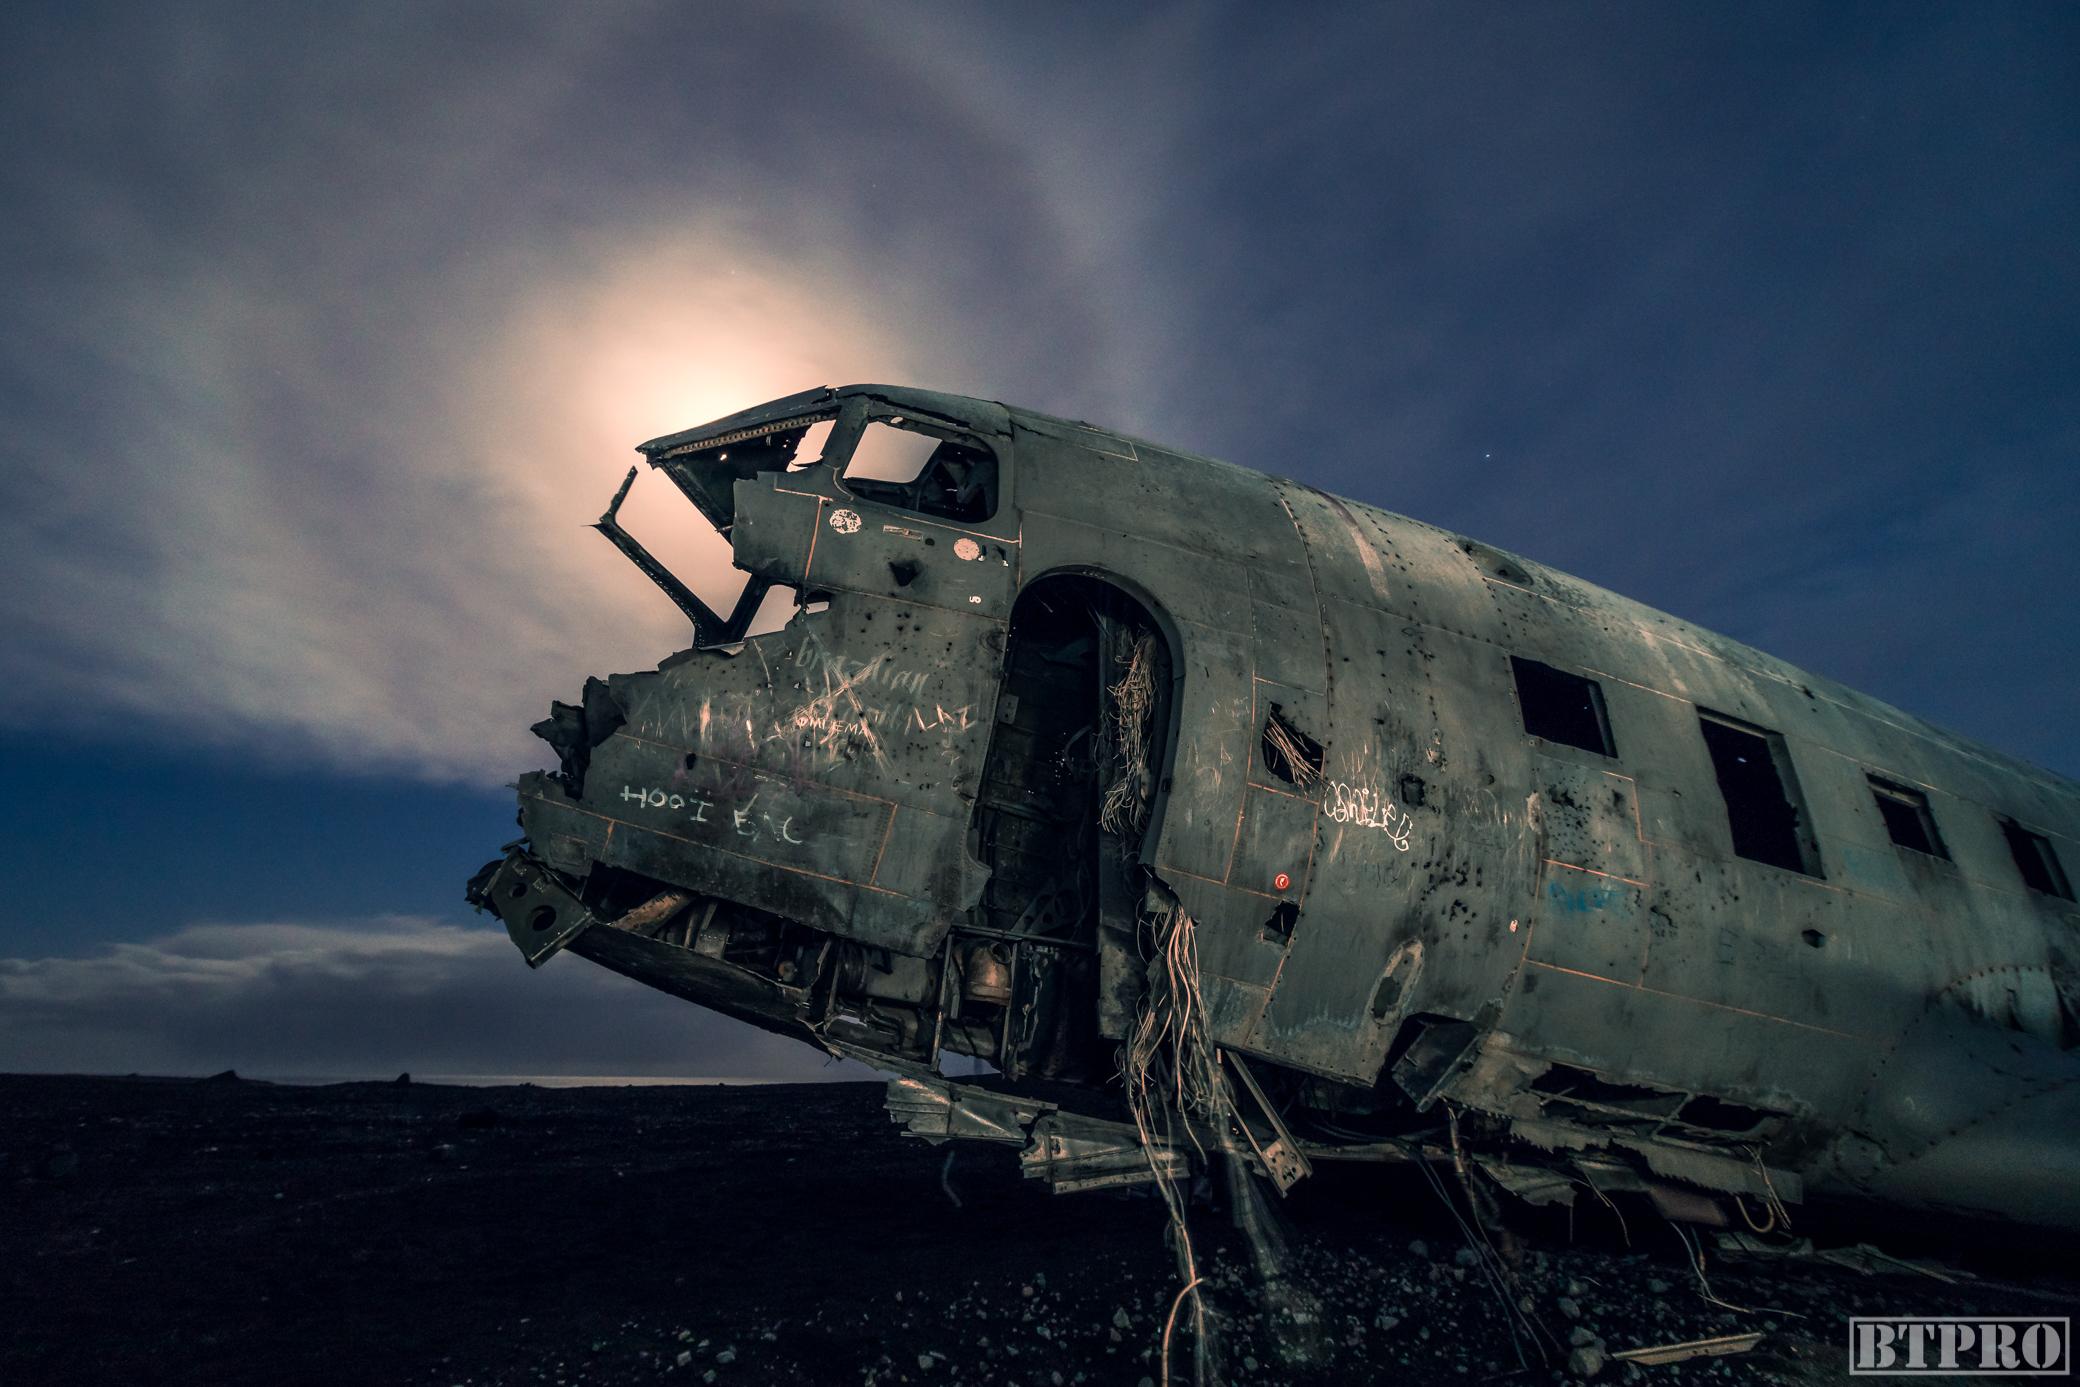 DC3 Plane Wreck at Night